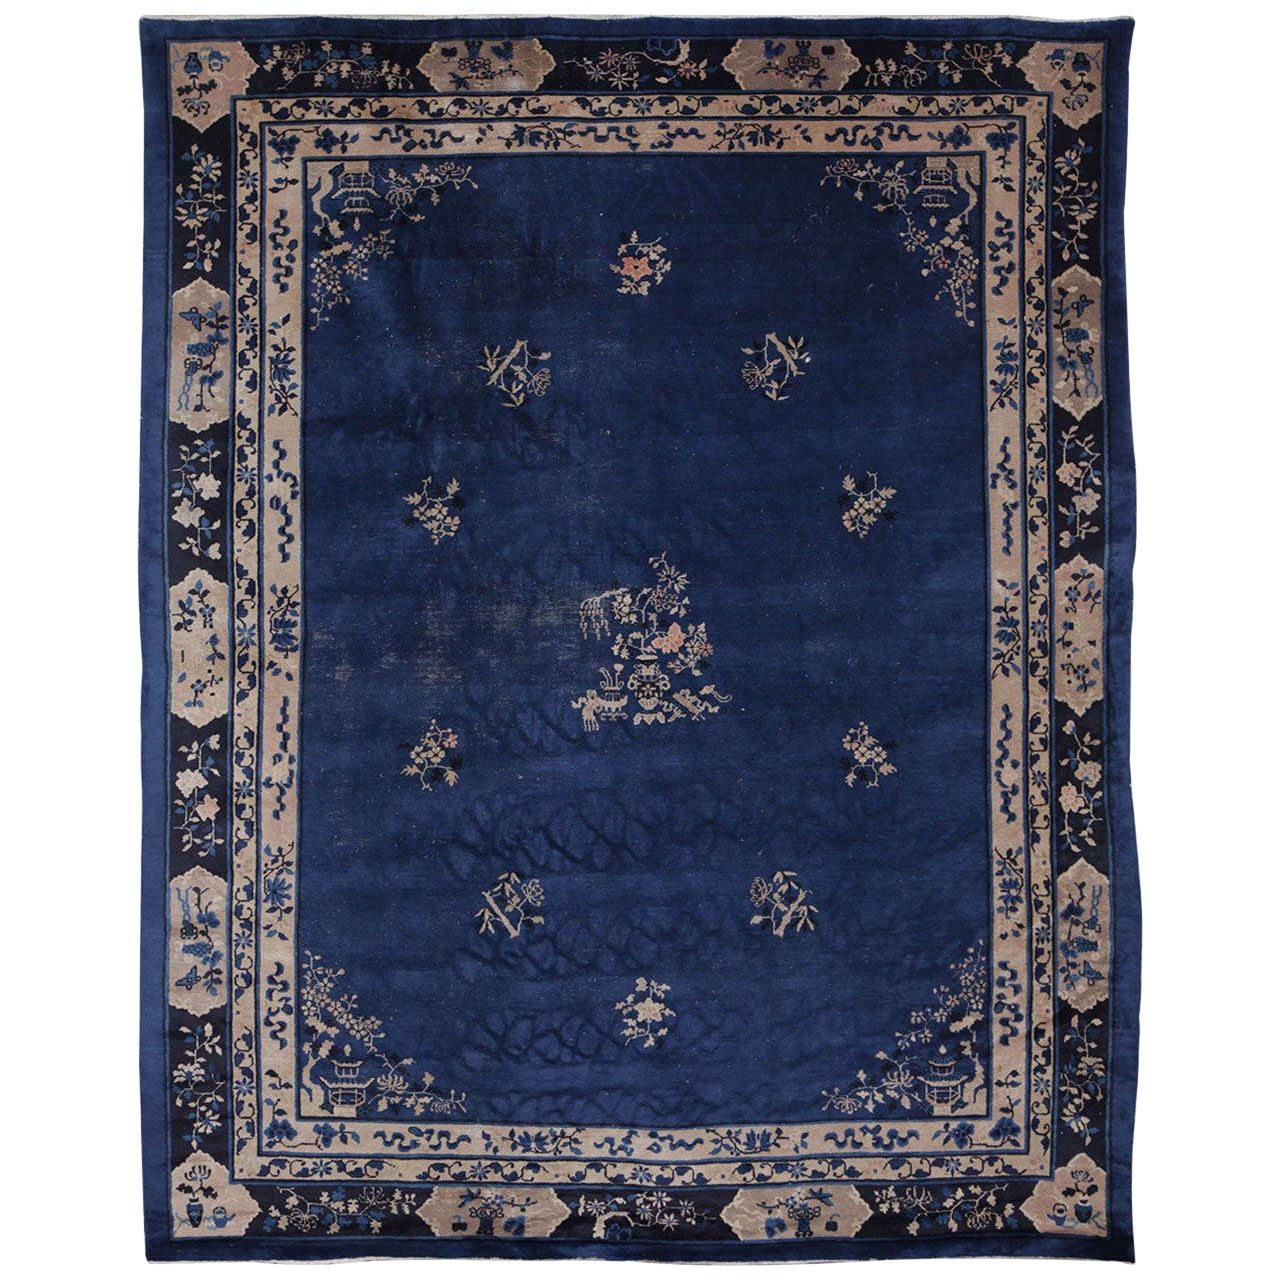 Chinese Indigo Blue Peking Rug, 1920